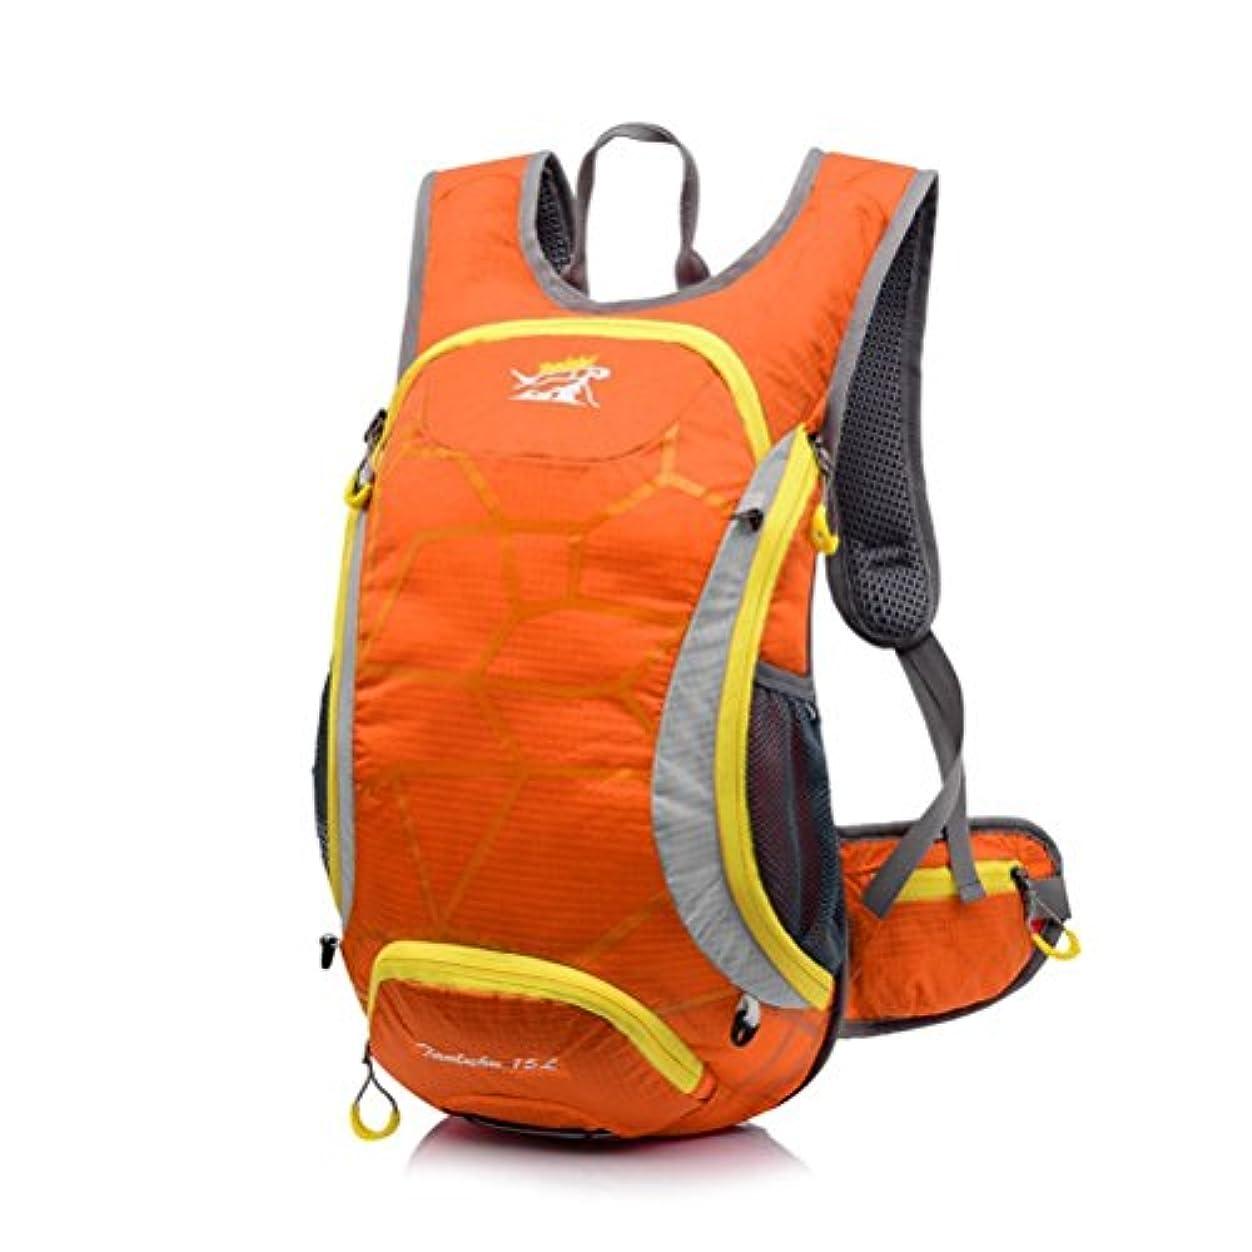 天皇まばたきなぜTenflow リュック リュックサック 防水 バックパック バッグ ザック オシャレ カジュアル 大容量 クライミング 旅行 サイクリング 021-rysm-644(15L オレンジ)